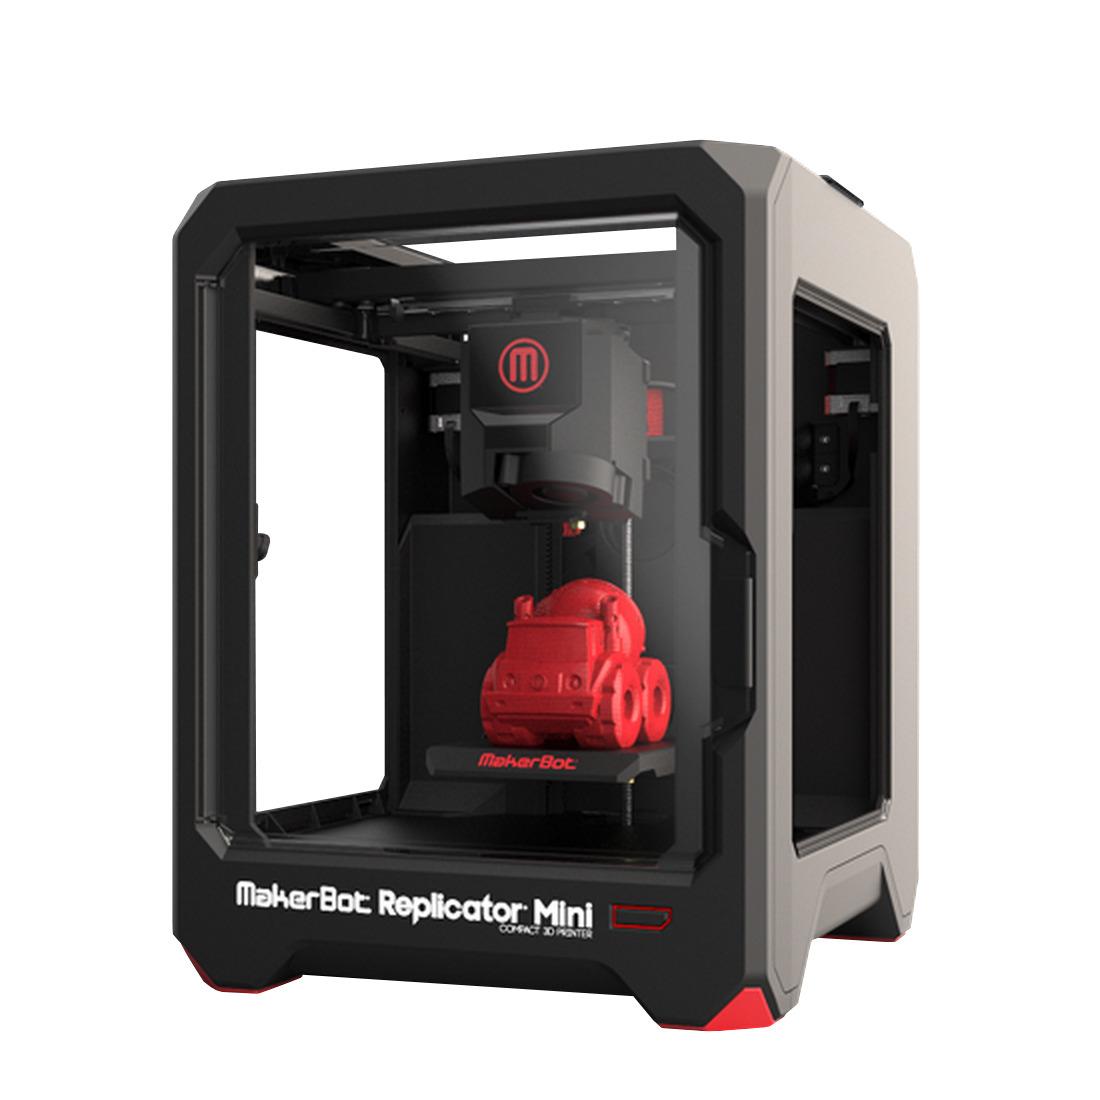 Copy of 3D Printer Makerbot Replicator Mini